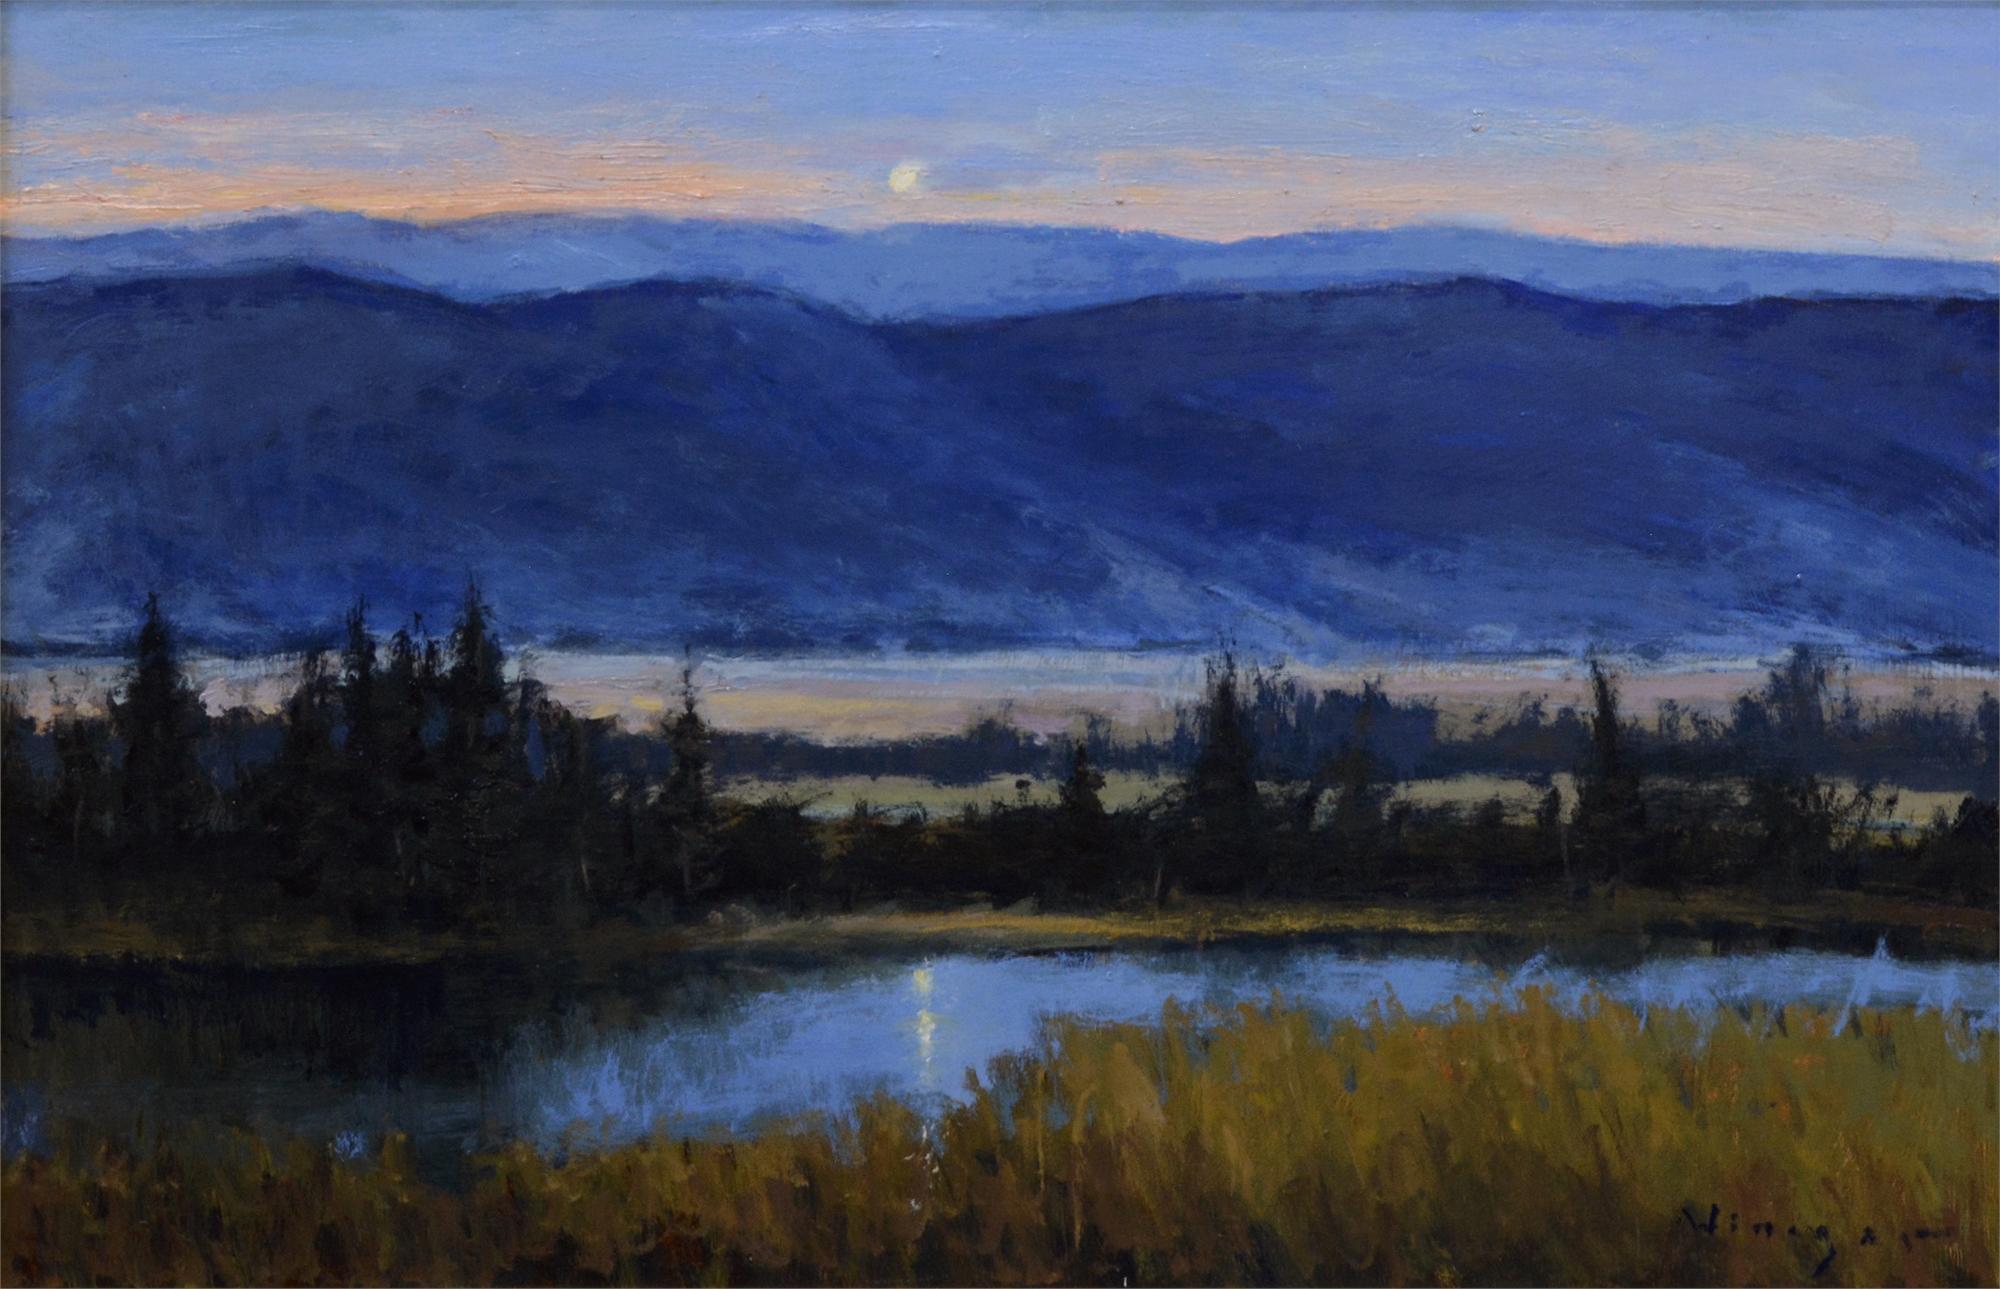 Rising Moon by Seth Winegar